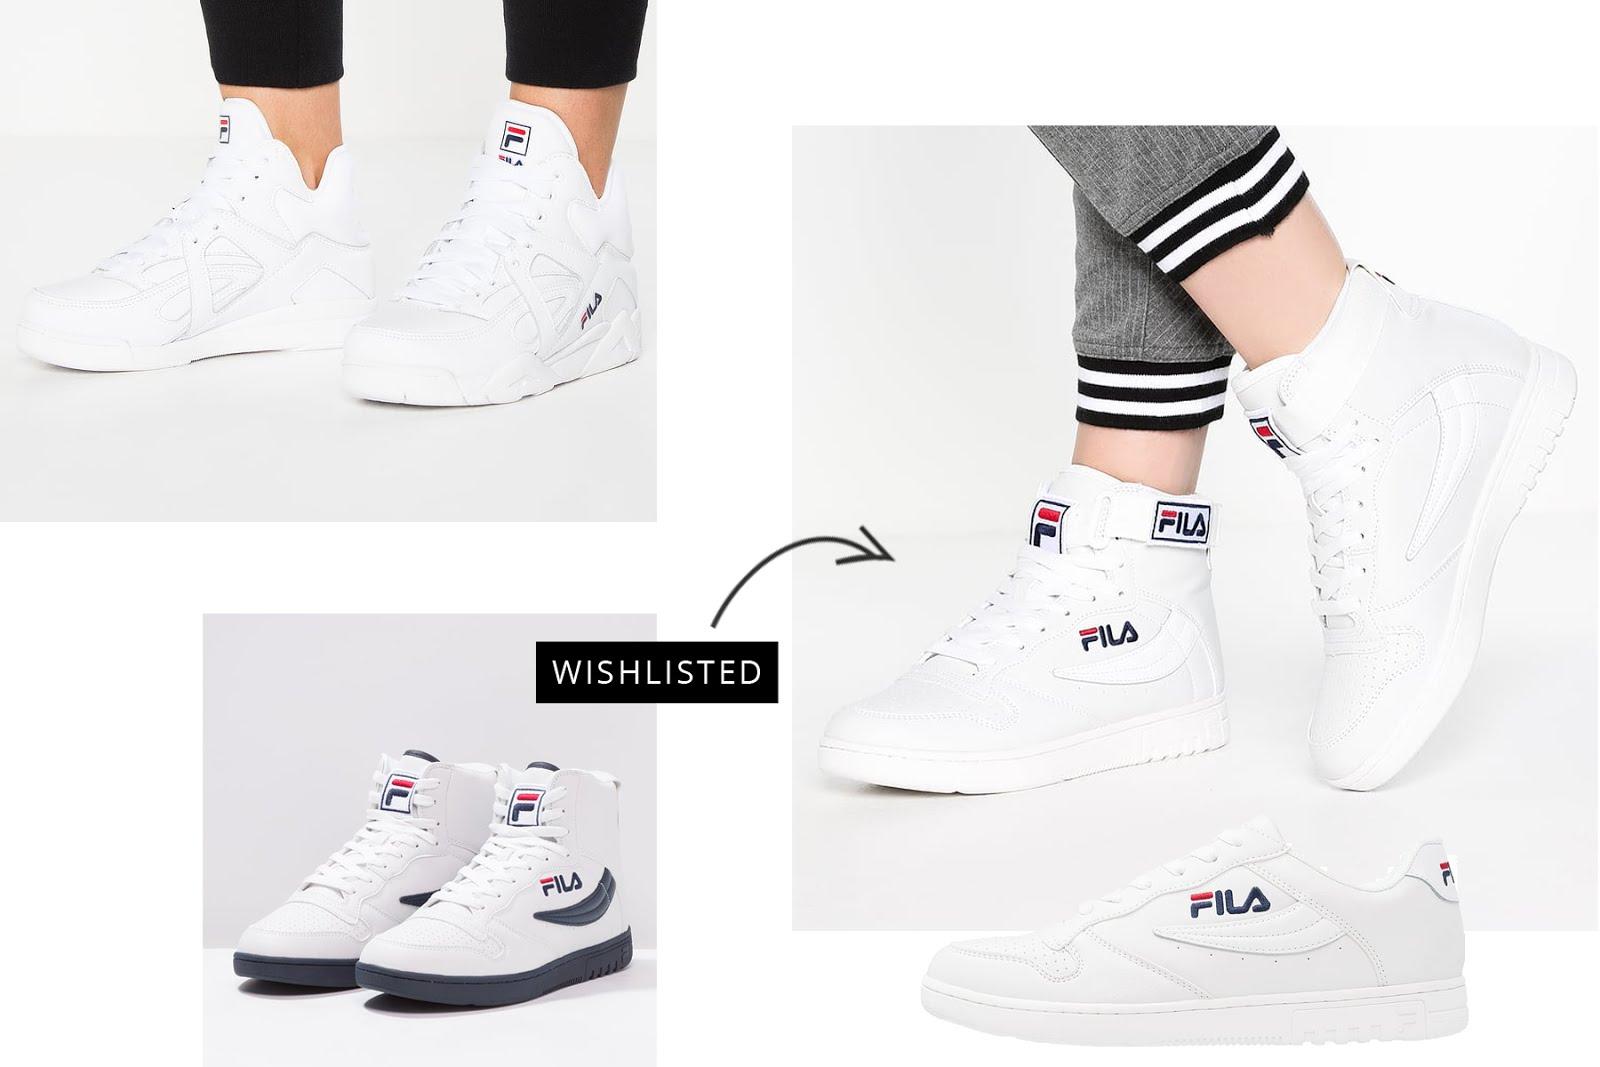 Fila, sneakers, FX 100, CAGE L MID, white, hi tops, 90's, comeback, ss17